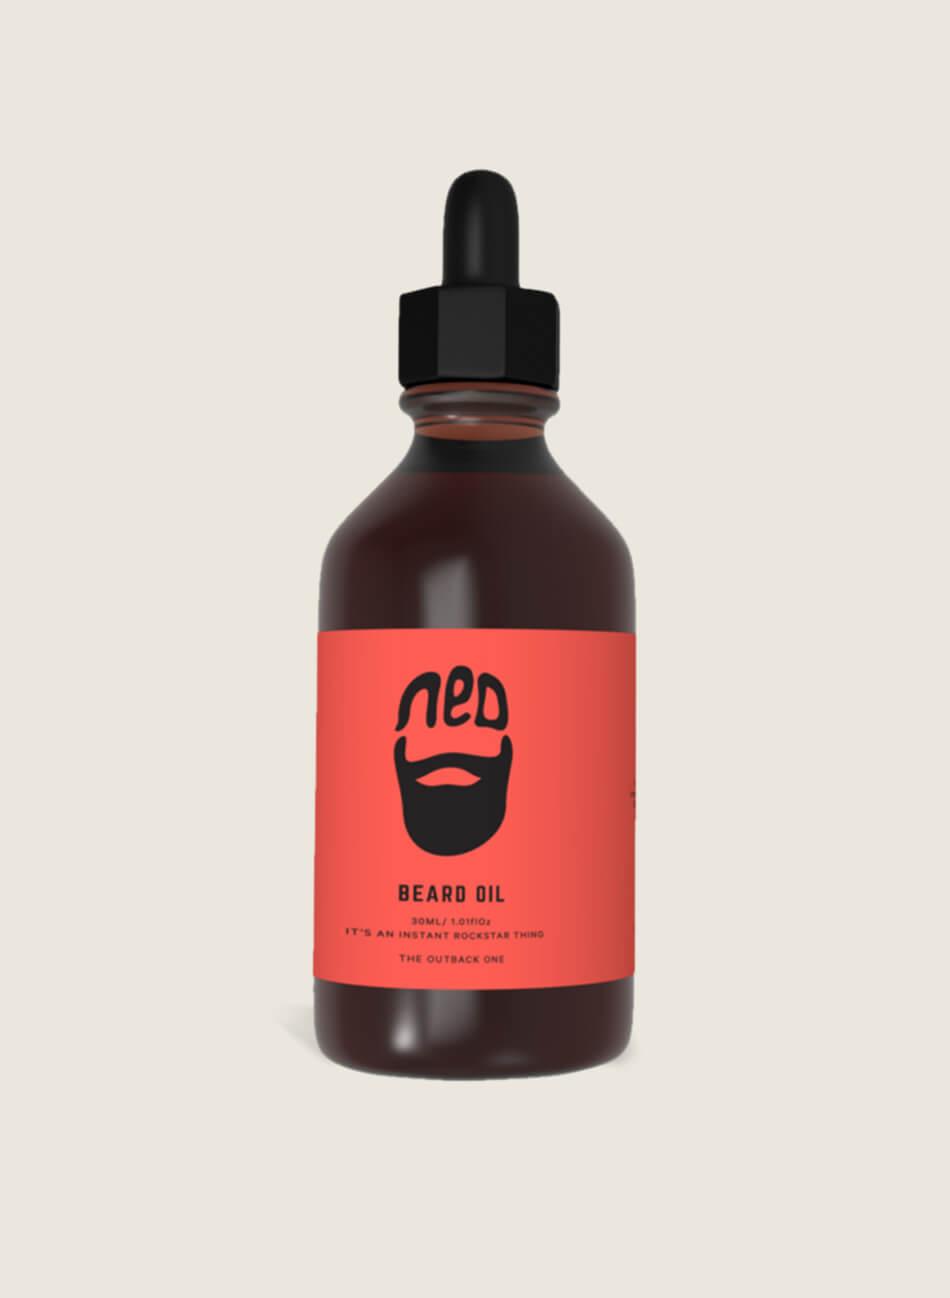 best beard oil australia - beard products australia